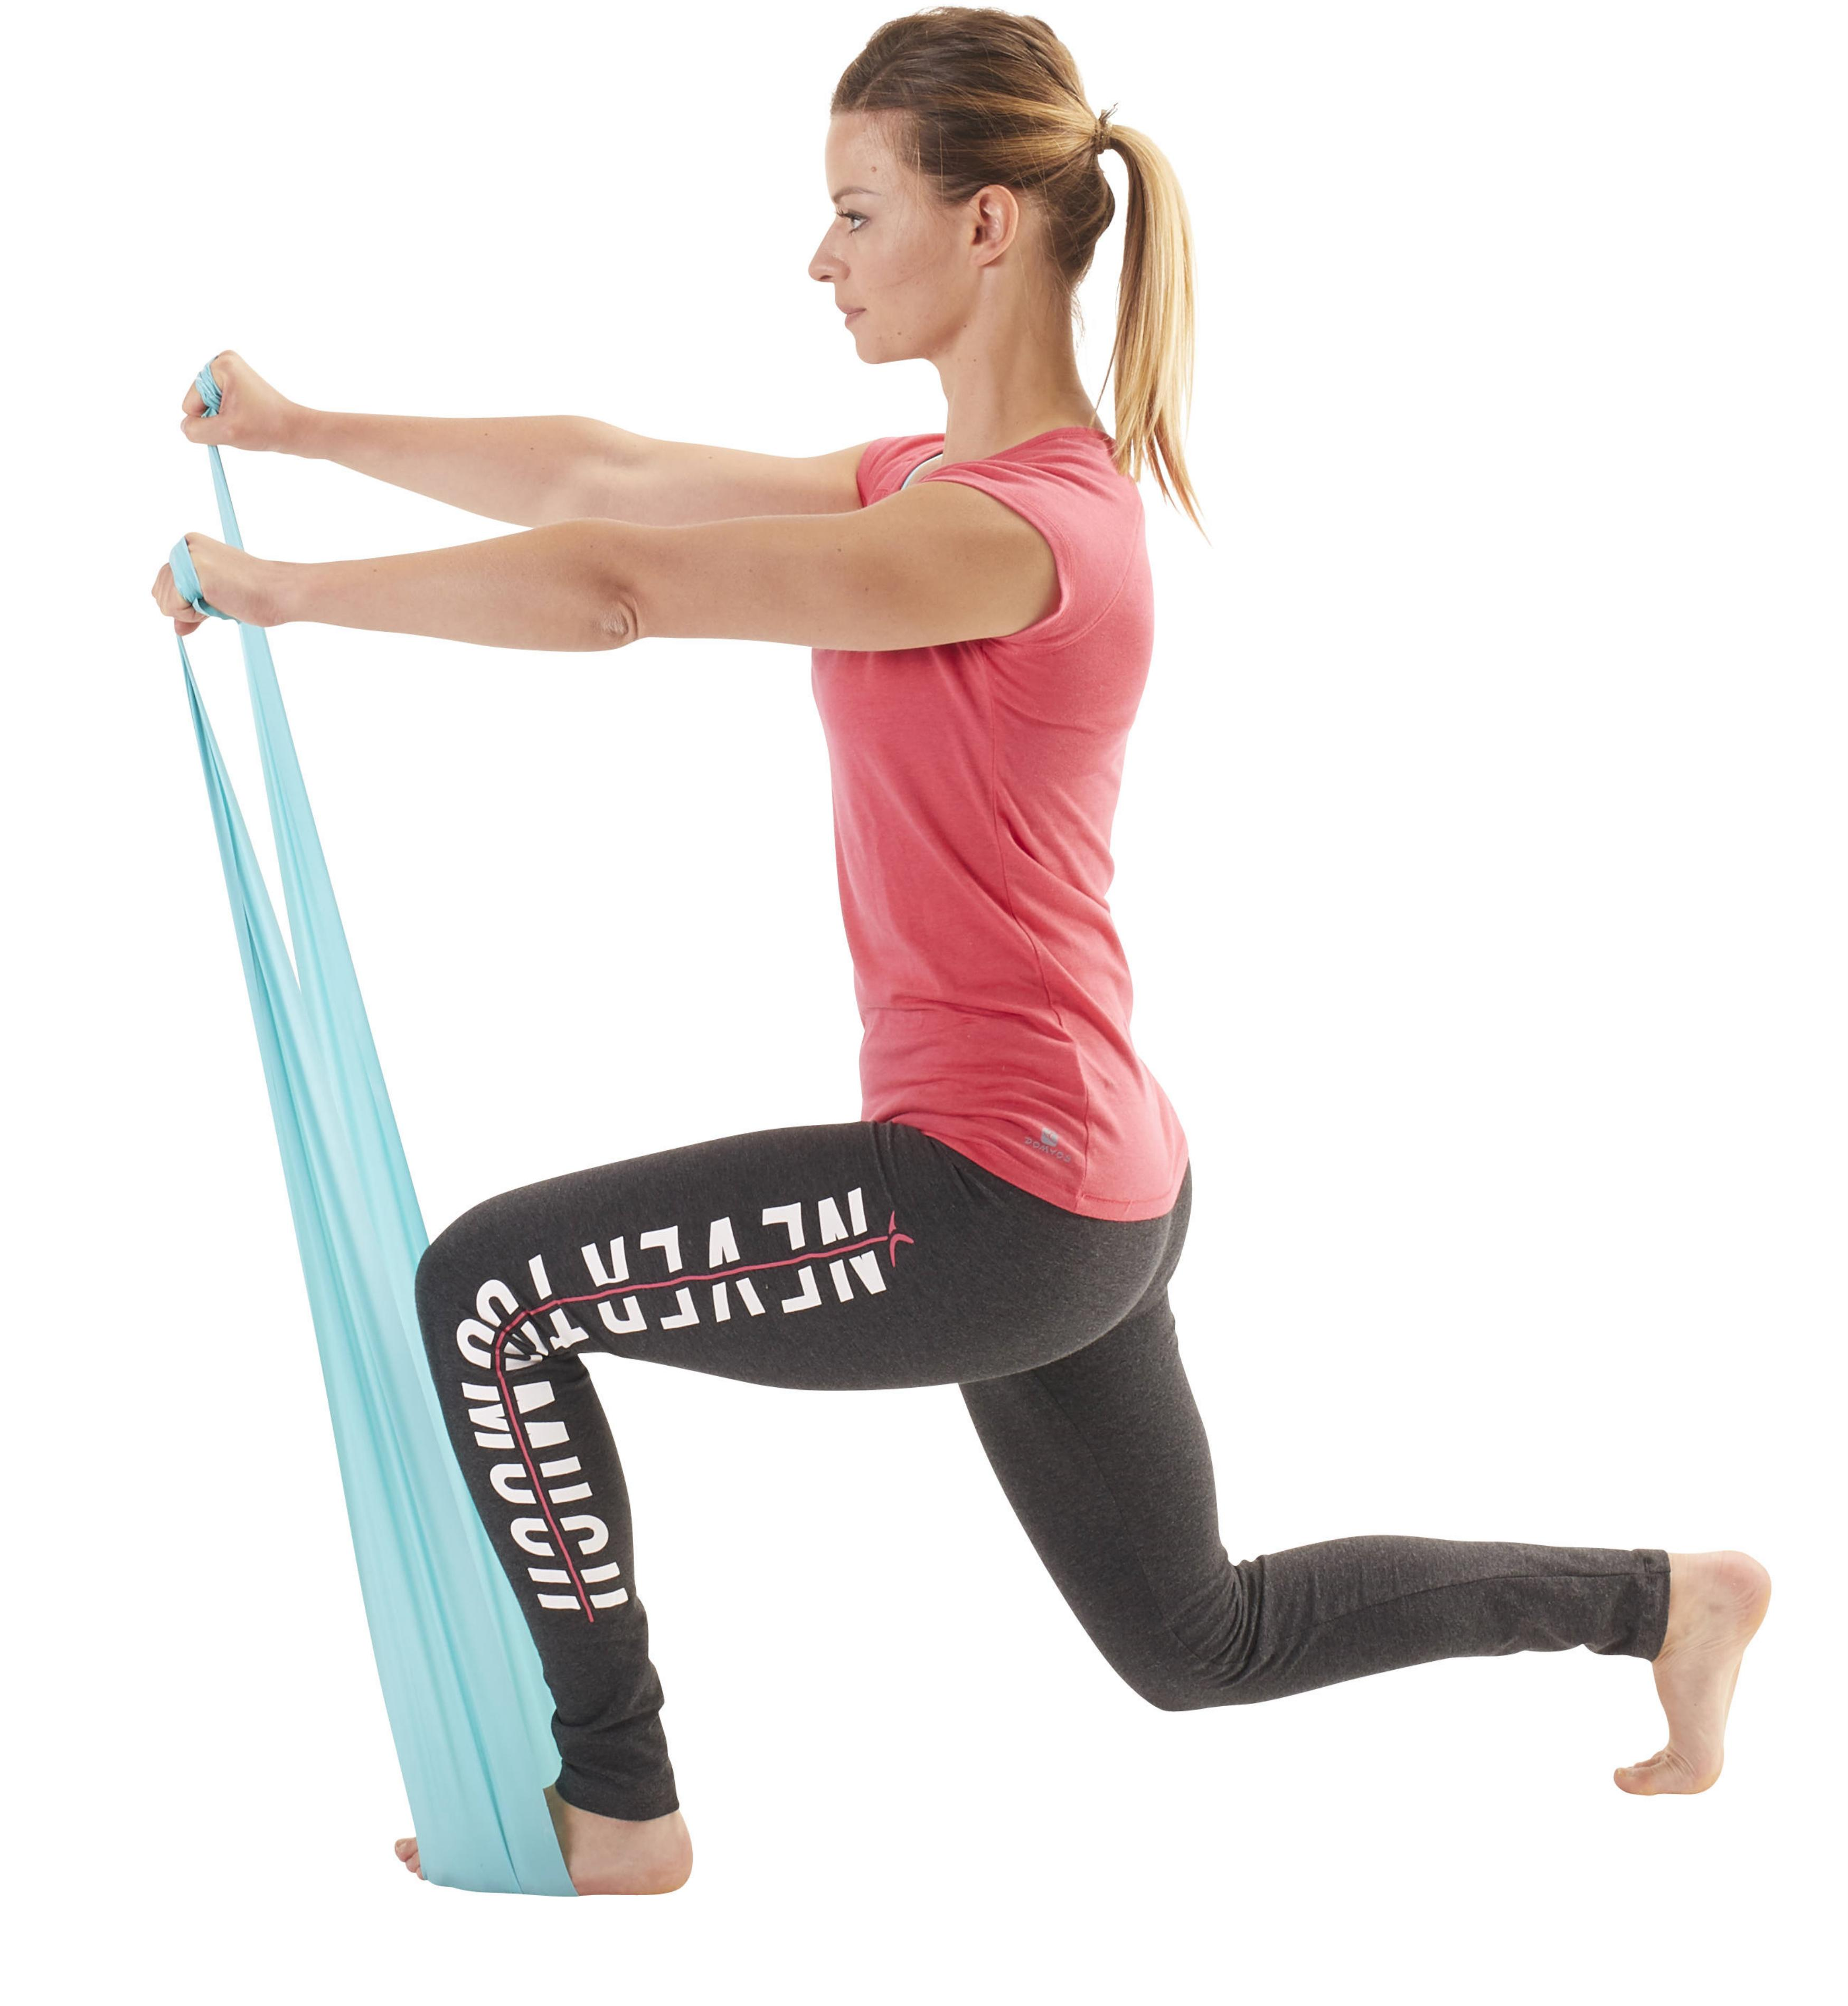 Adjustable Toning Gym Elastic Band Level Easy